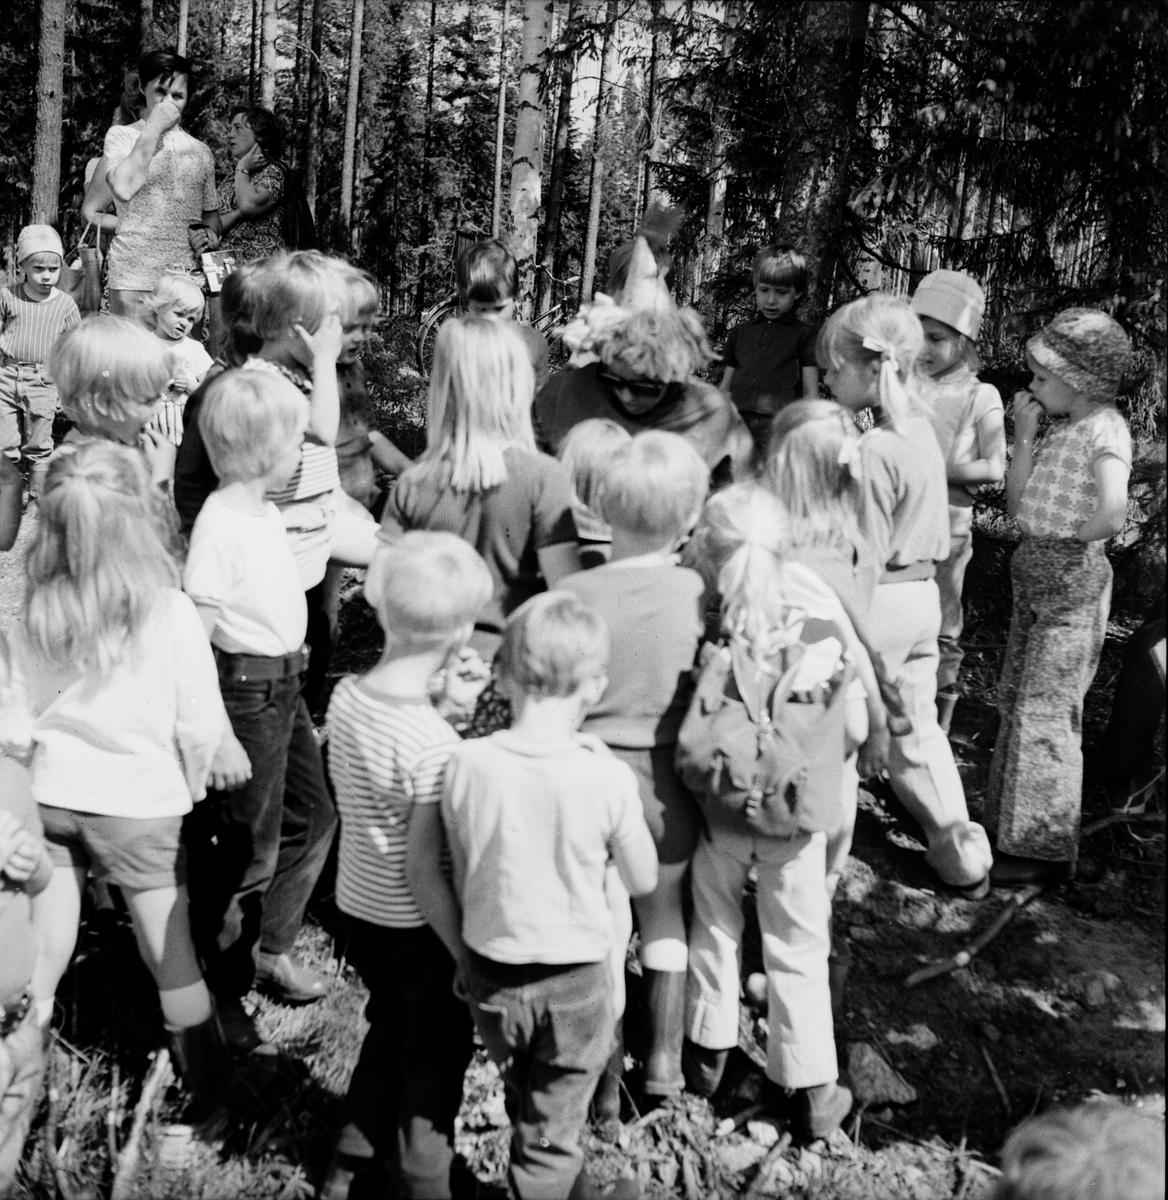 Arbrå, Skogsmulle-skolan i Arbrå avslutas, Juni 1972